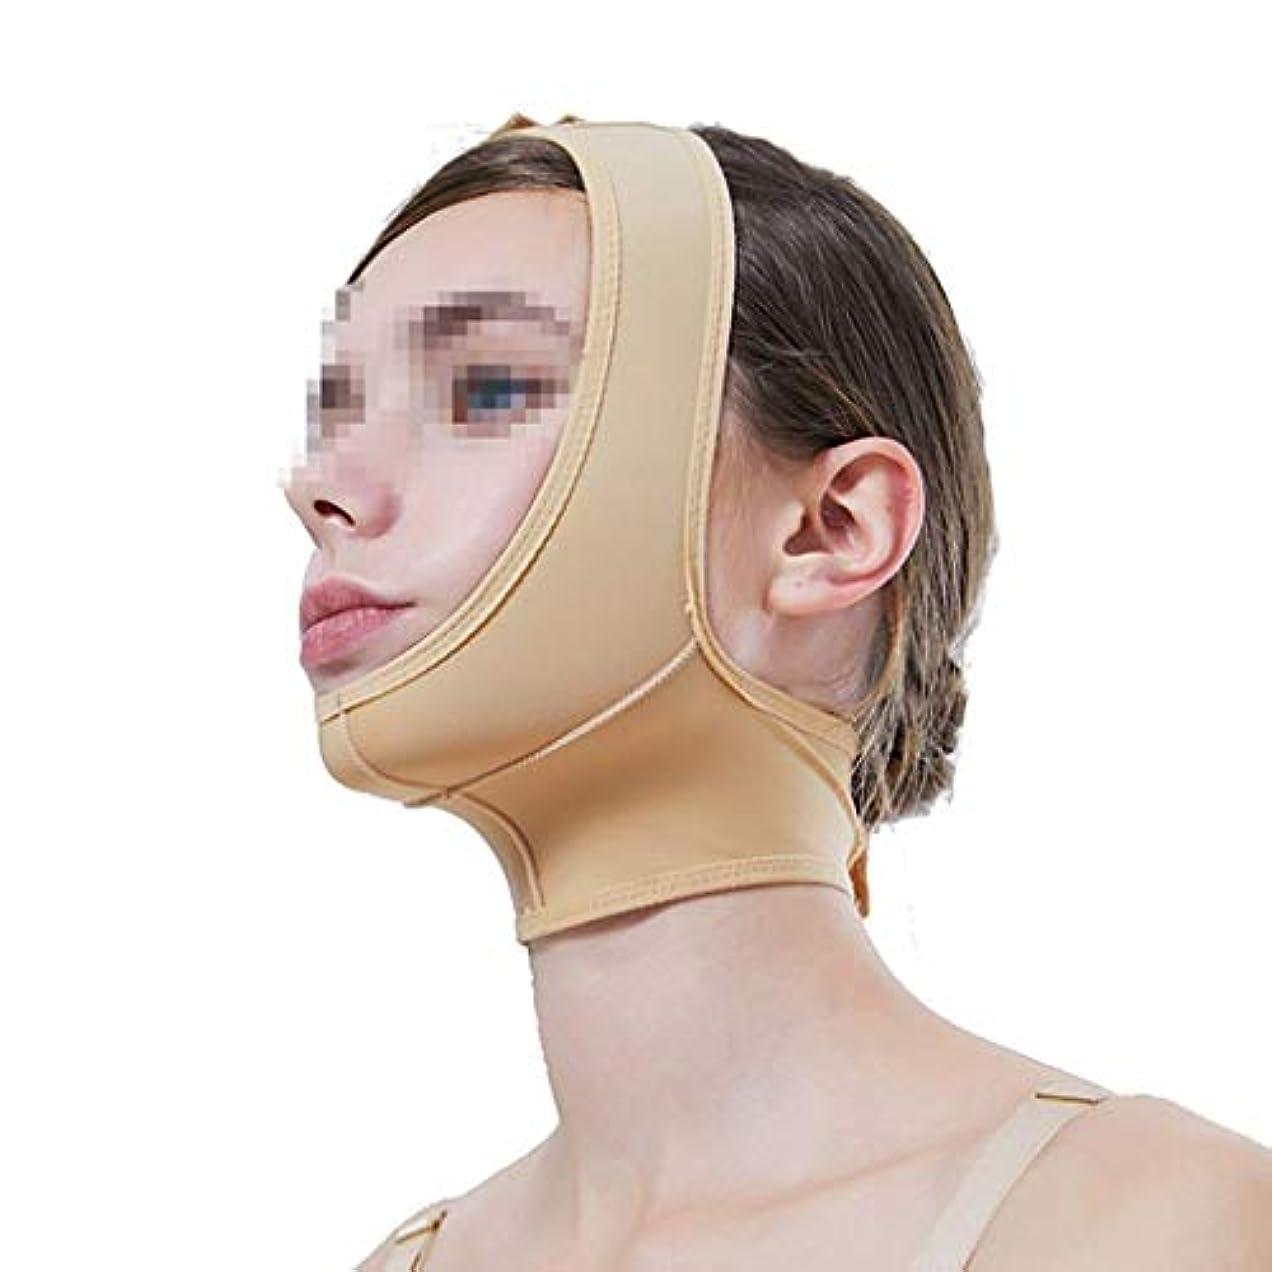 コーンウォールリング羨望弾性の薄いフェイスフード、下顎スリーブ術後の弾性スリーブフェイスVフェイスマスク付きダブルチンビーストバーマルチサイズオプション(サイズ:L)